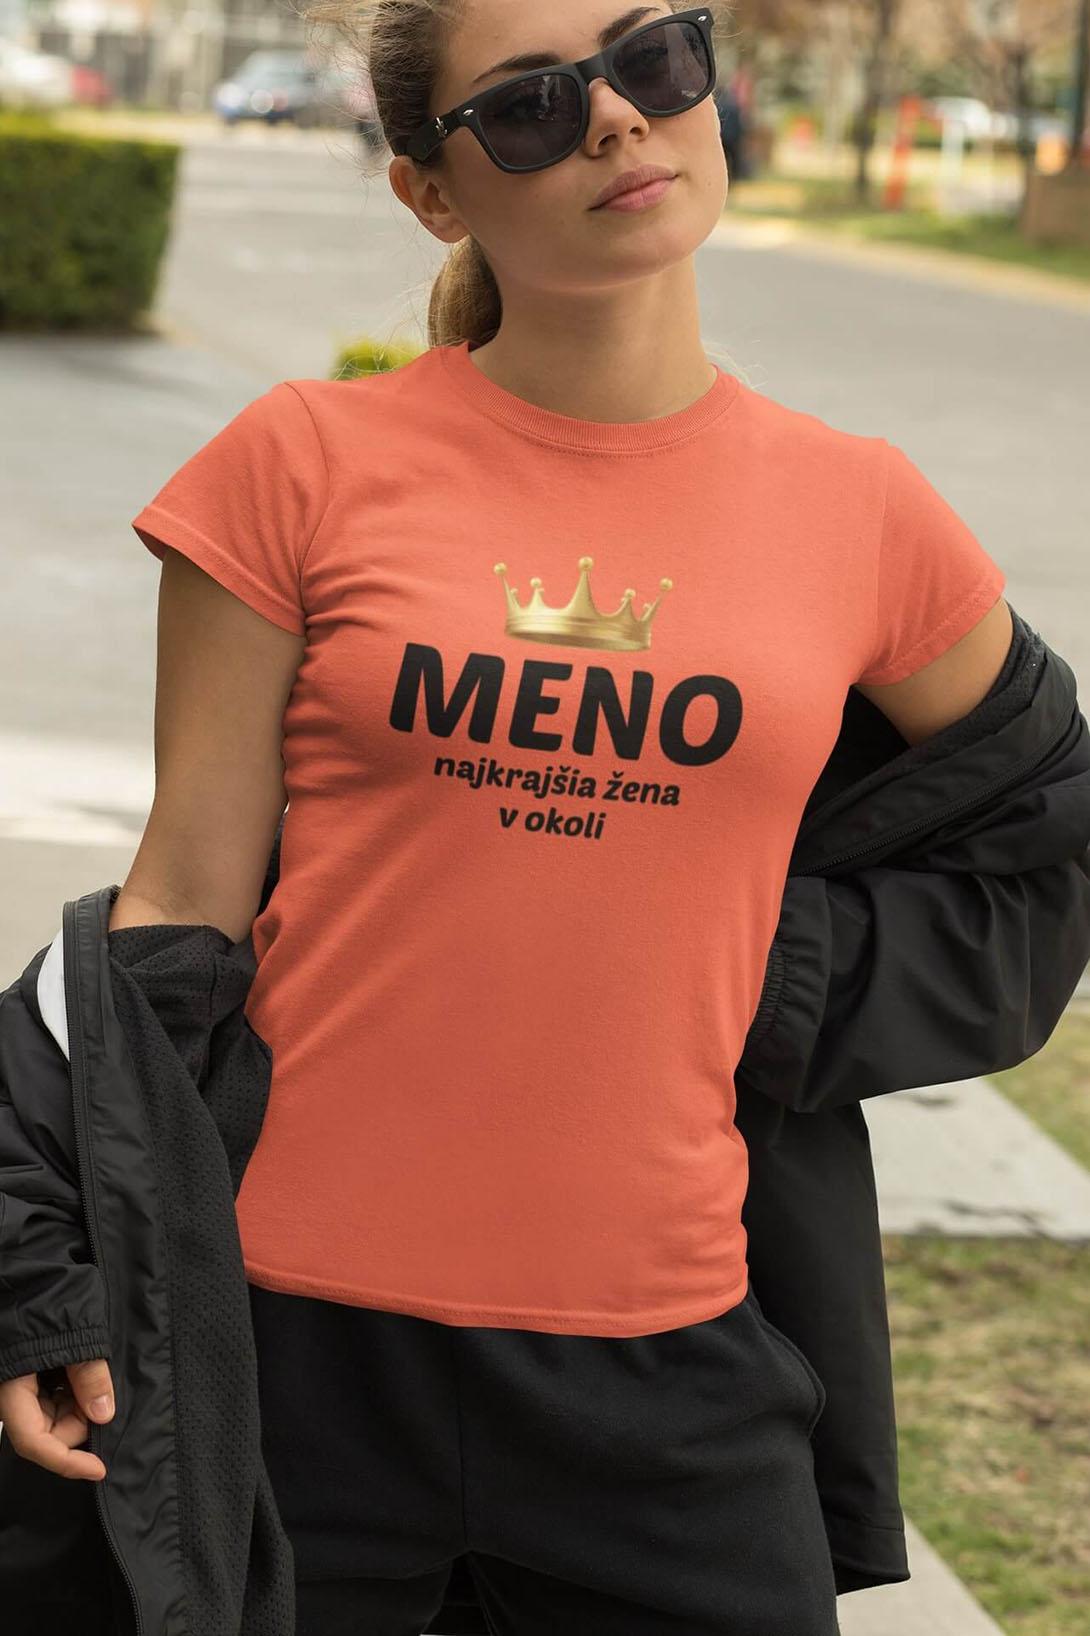 MMO Dámske tričko Najkrajšia žena v okolí Vyberte farbu: Khaki, Vyberte veľkosť: M